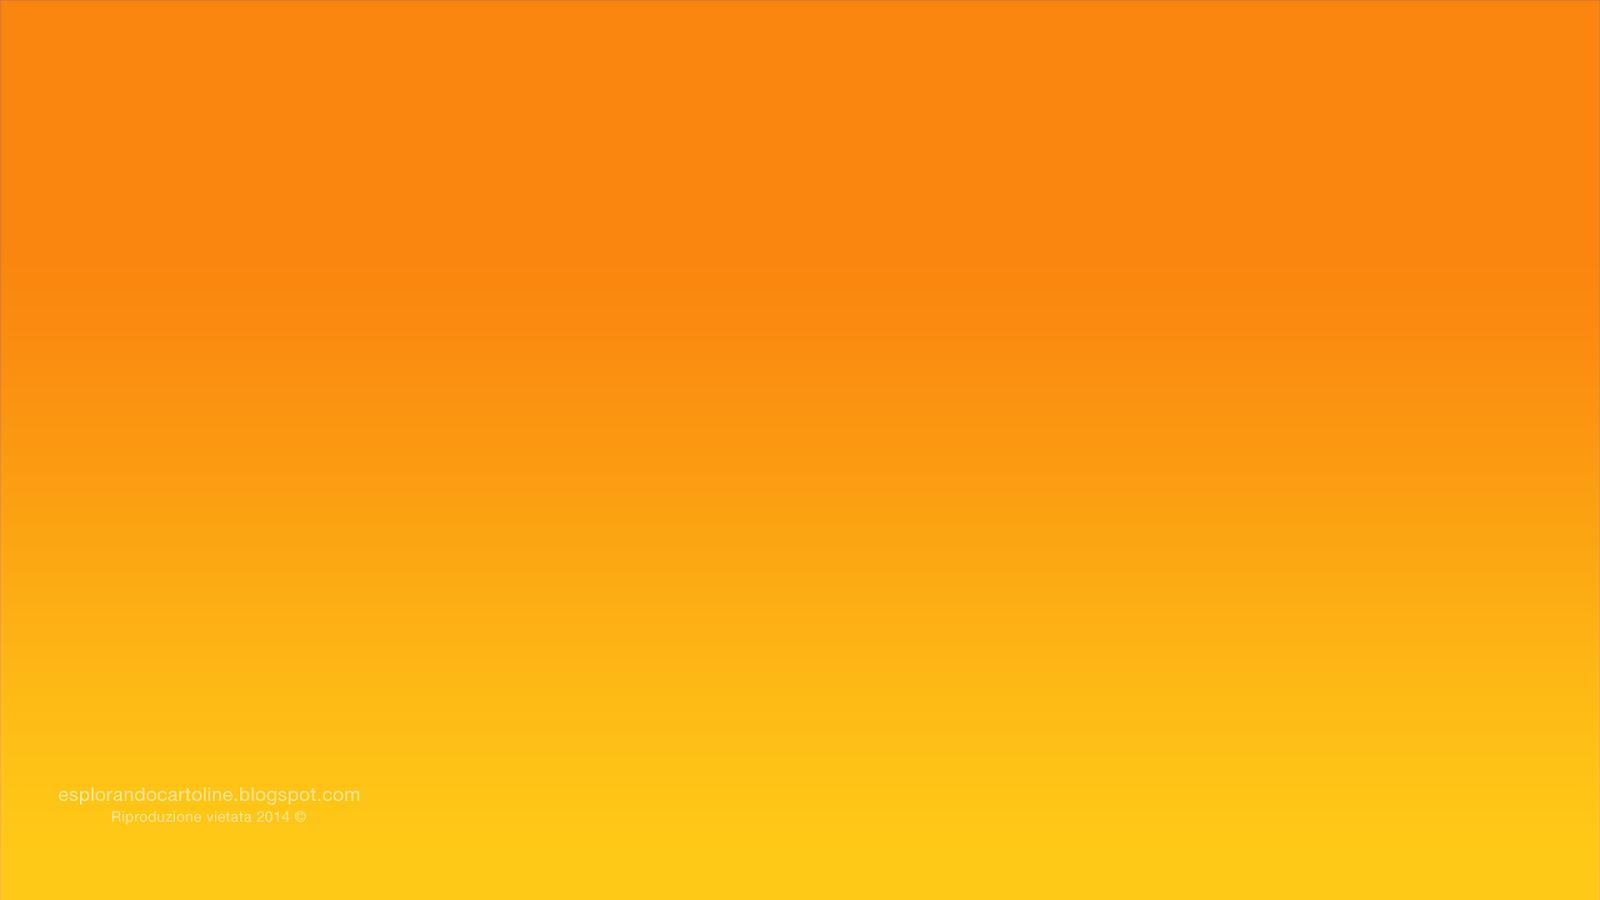 Risultati Immagini Per Arancione Sfondo Settimana Sfondi A Tinta